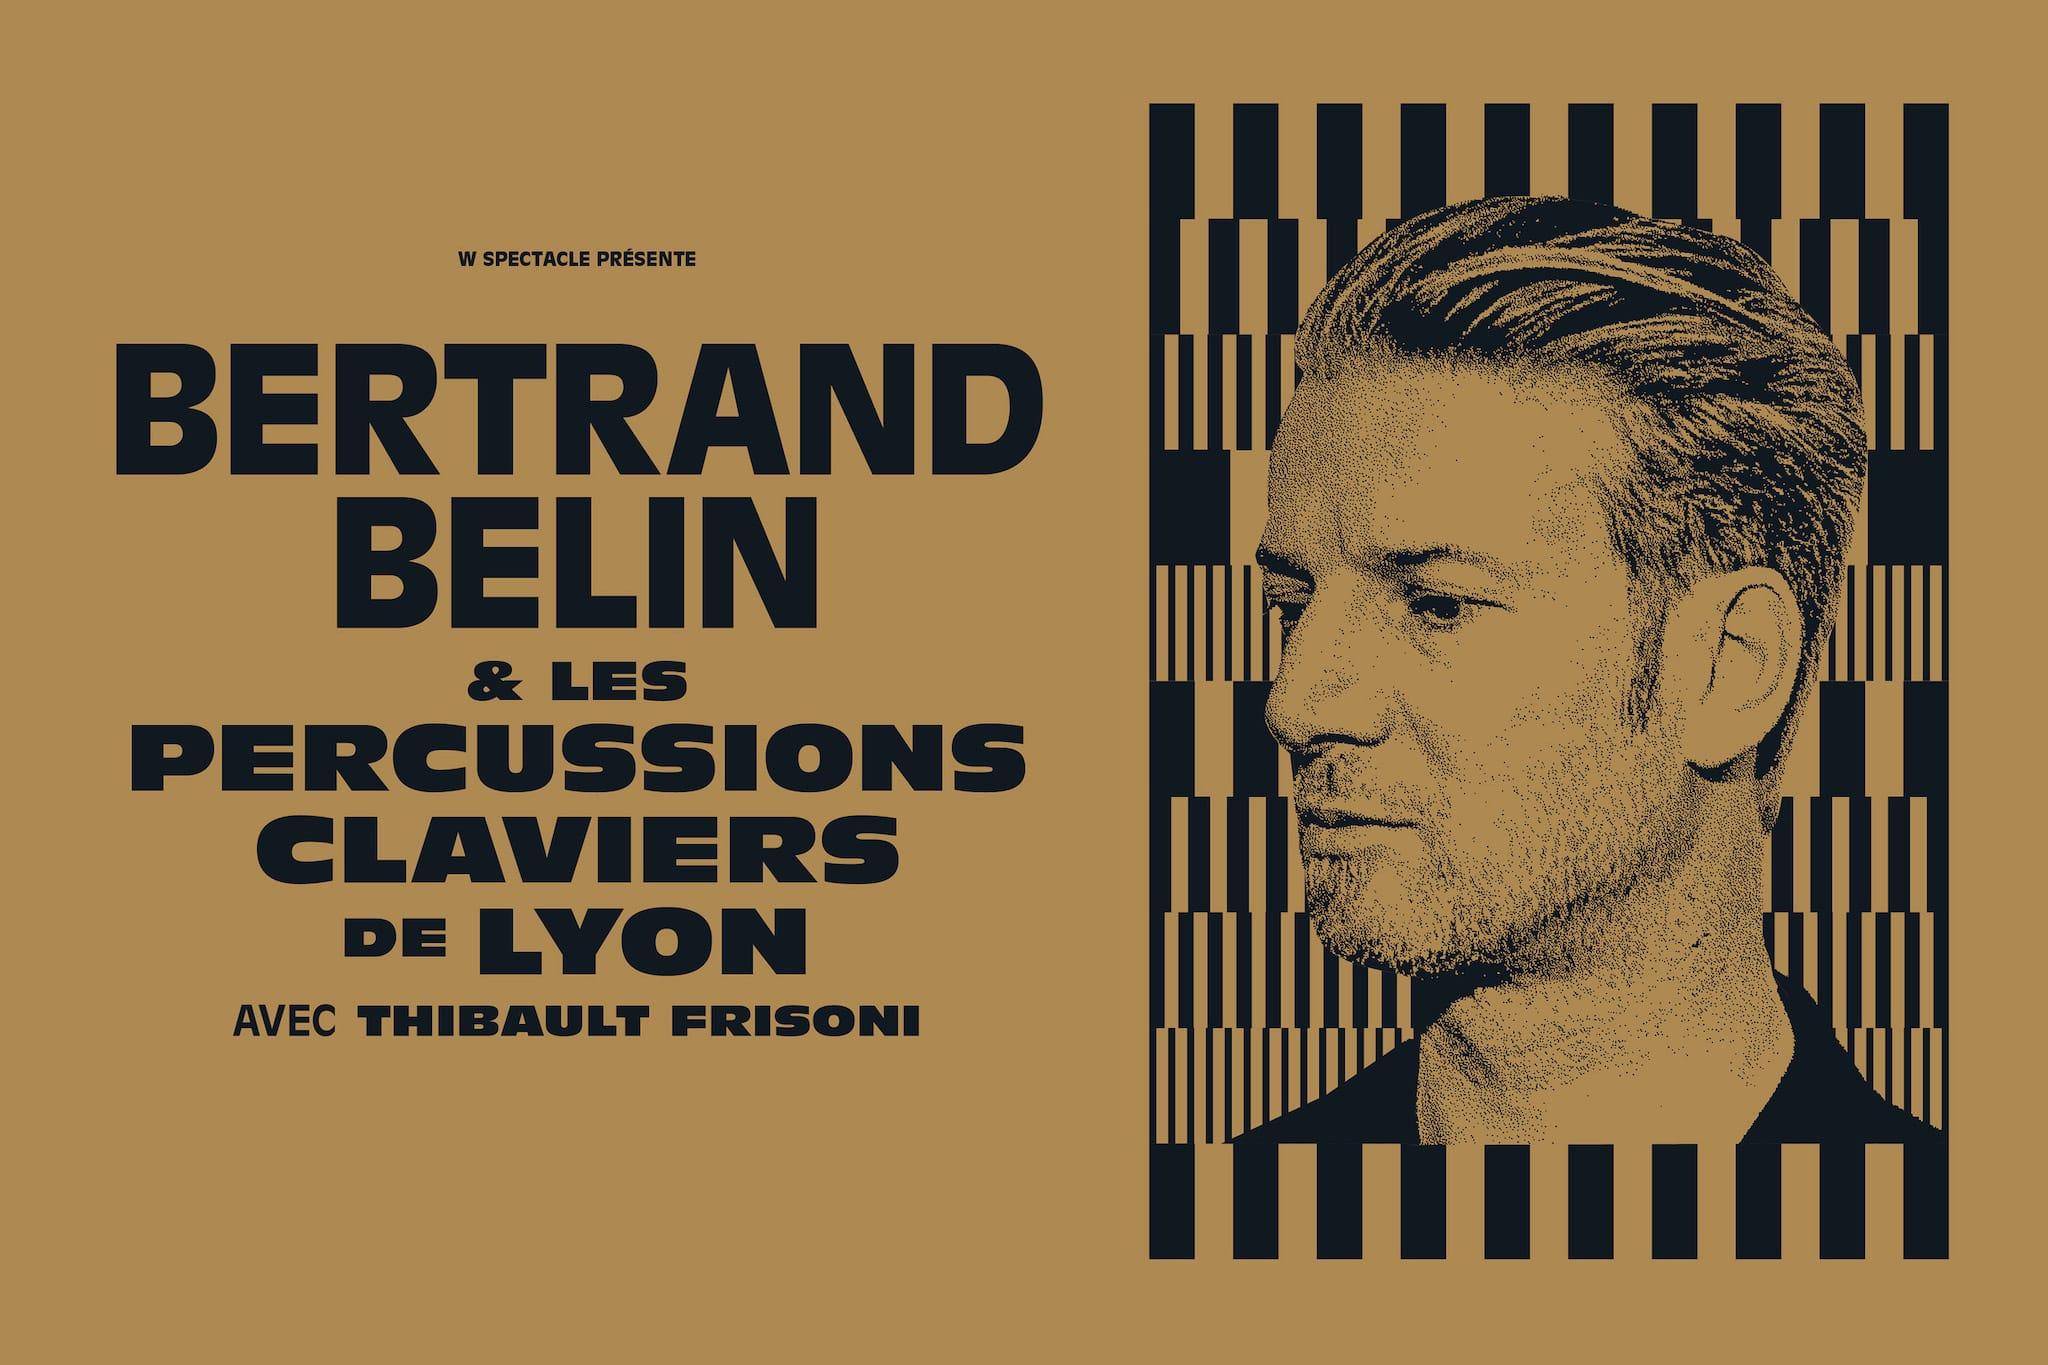 Bertrand Belin, Les Percussions Claviers de Lyon et Thibault Frisoni affiche musique